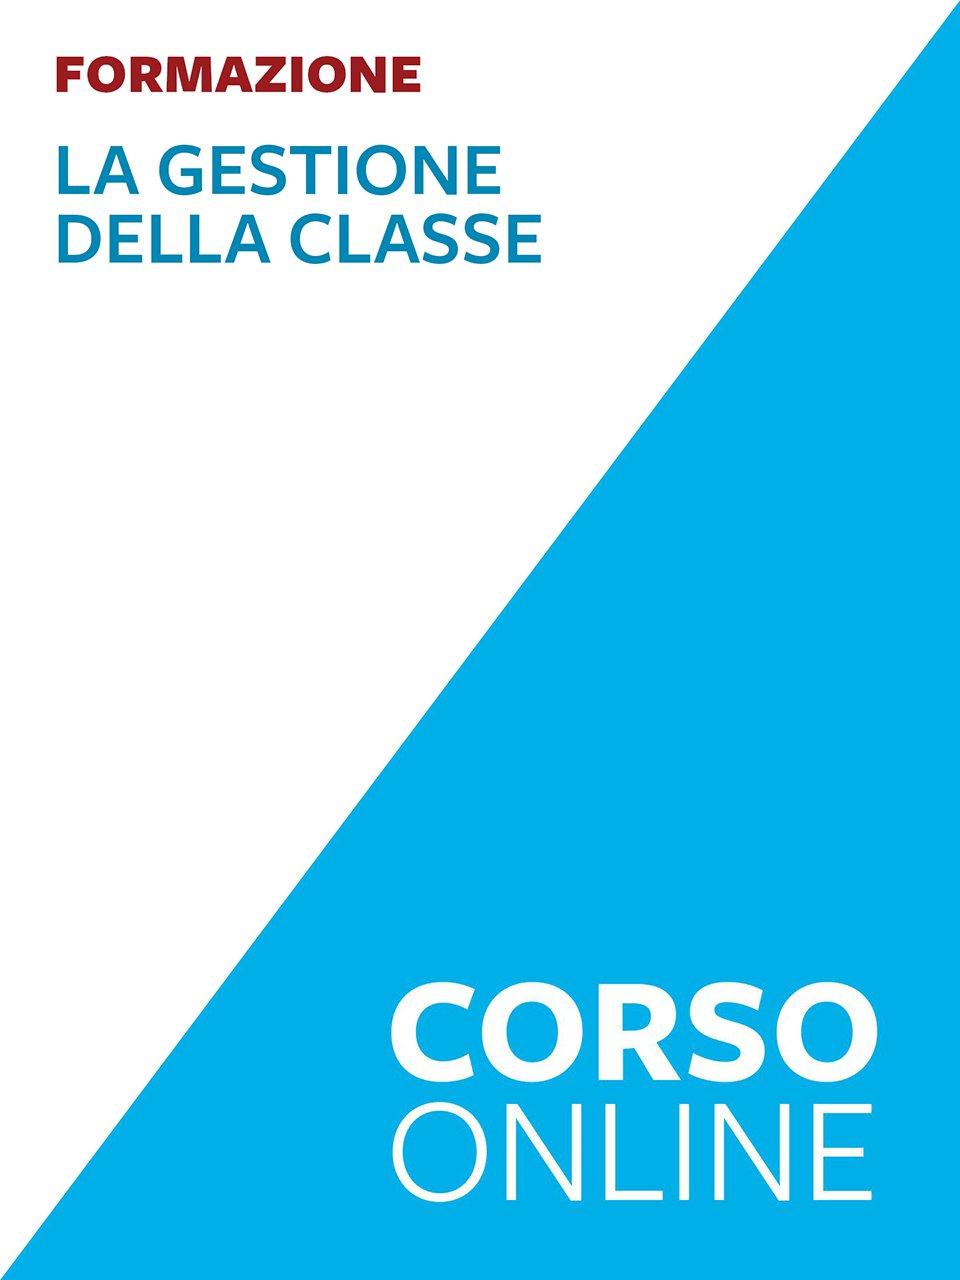 La gestione della classe - corso formazione - Insegnare Domani - Sostegno - Scuola Secondaria - Libri - Erickson